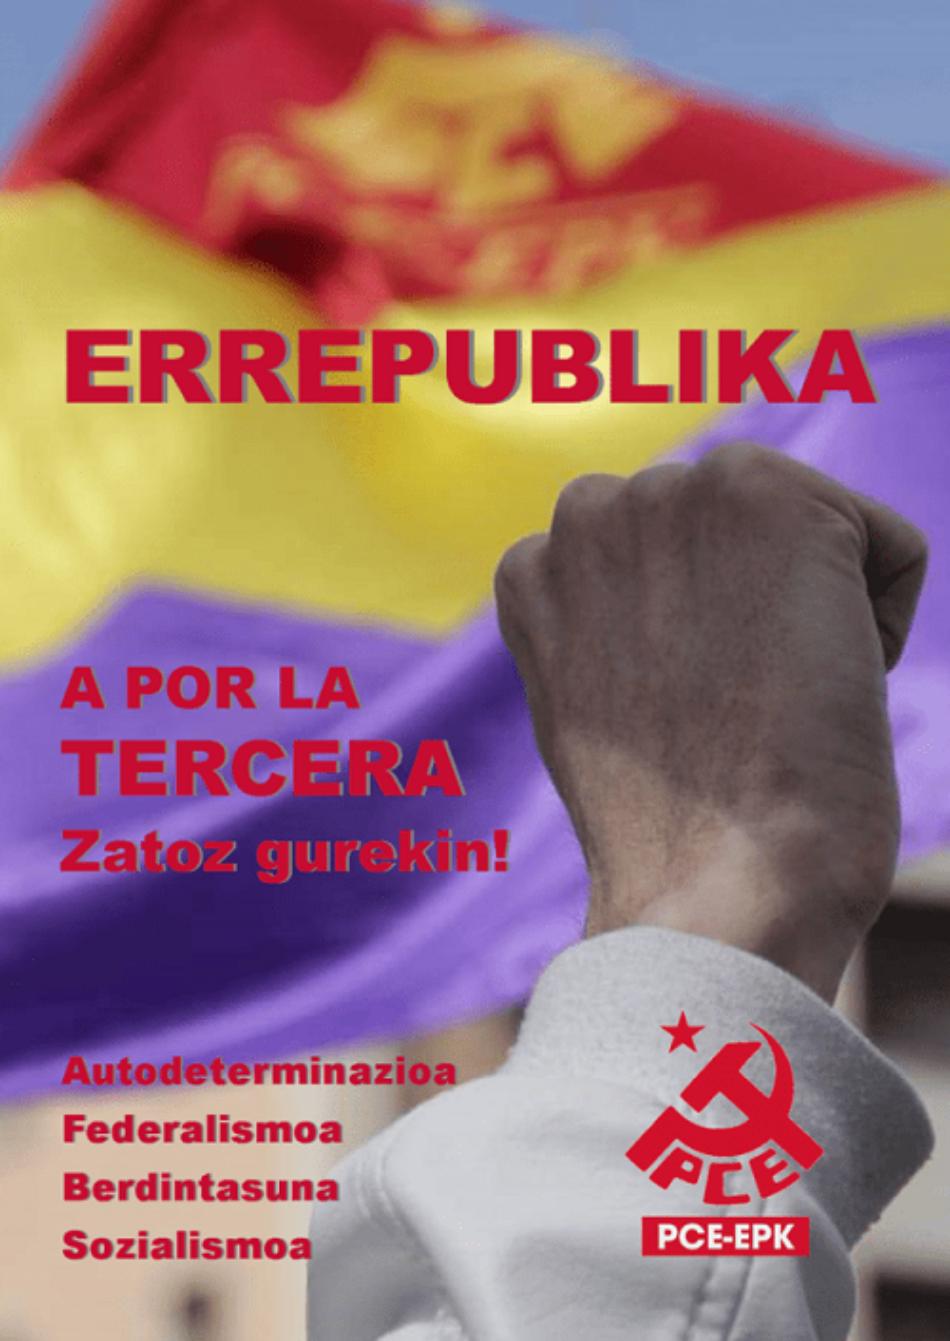 El Partido Comunista de Euskadi-EPK pide a la ciudadanía vasca mostrar su rechazo a la monarquía corrupta el próximo 14 de Abril desde ventanas y en las redes sociales